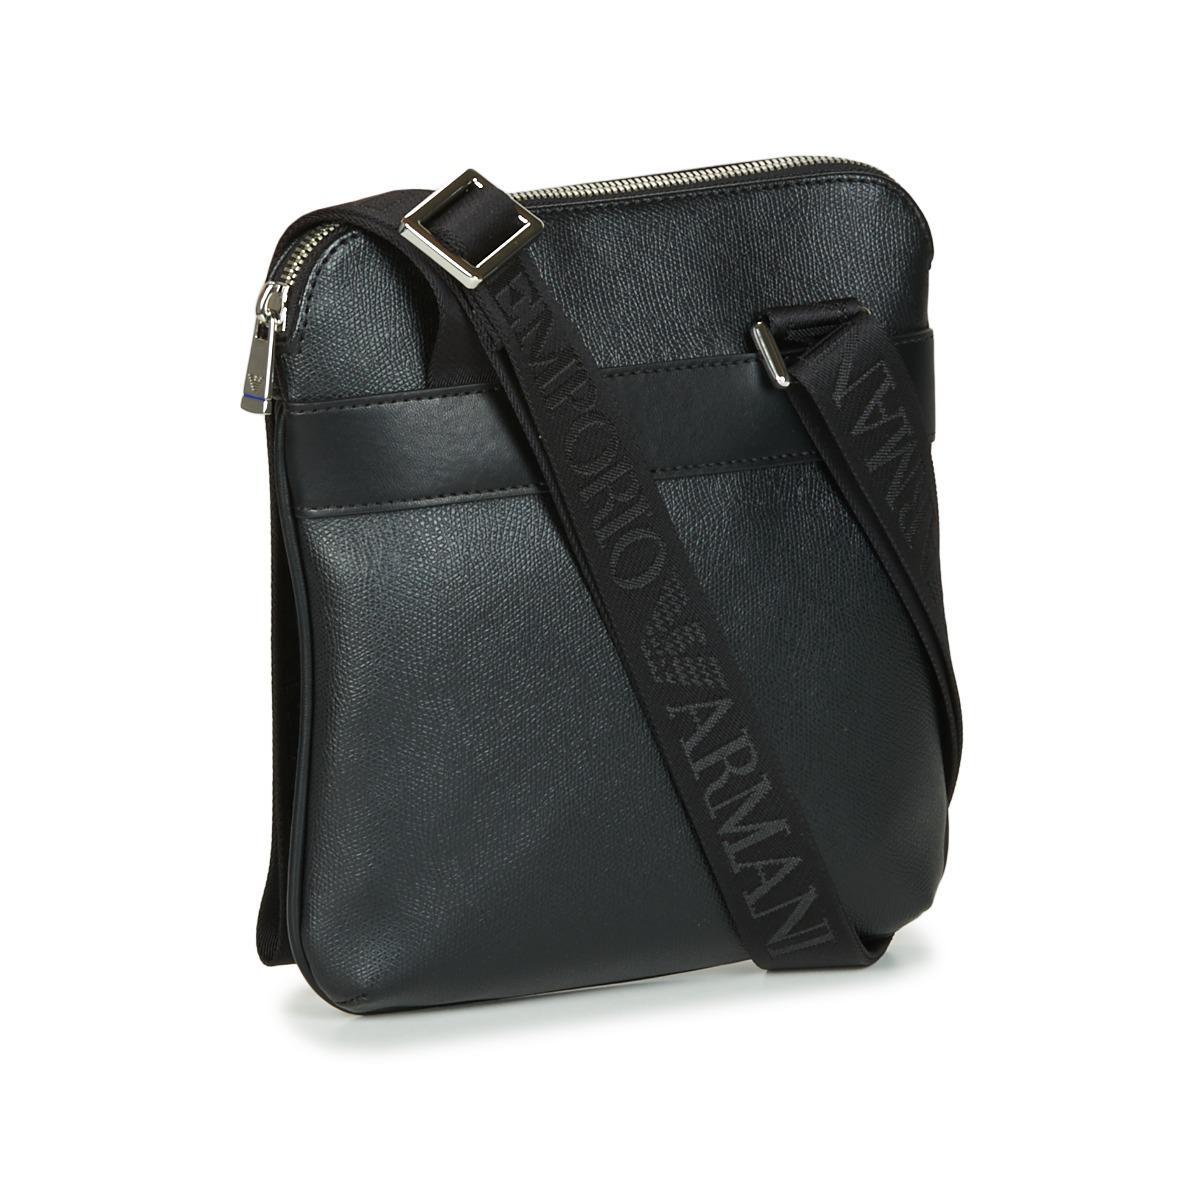 9c96a814367f Emporio Armani - Black BUSINESS FLAT MESSENGER BAG hommes Sacoche en Noir  for Men - Lyst. Afficher en plein écran